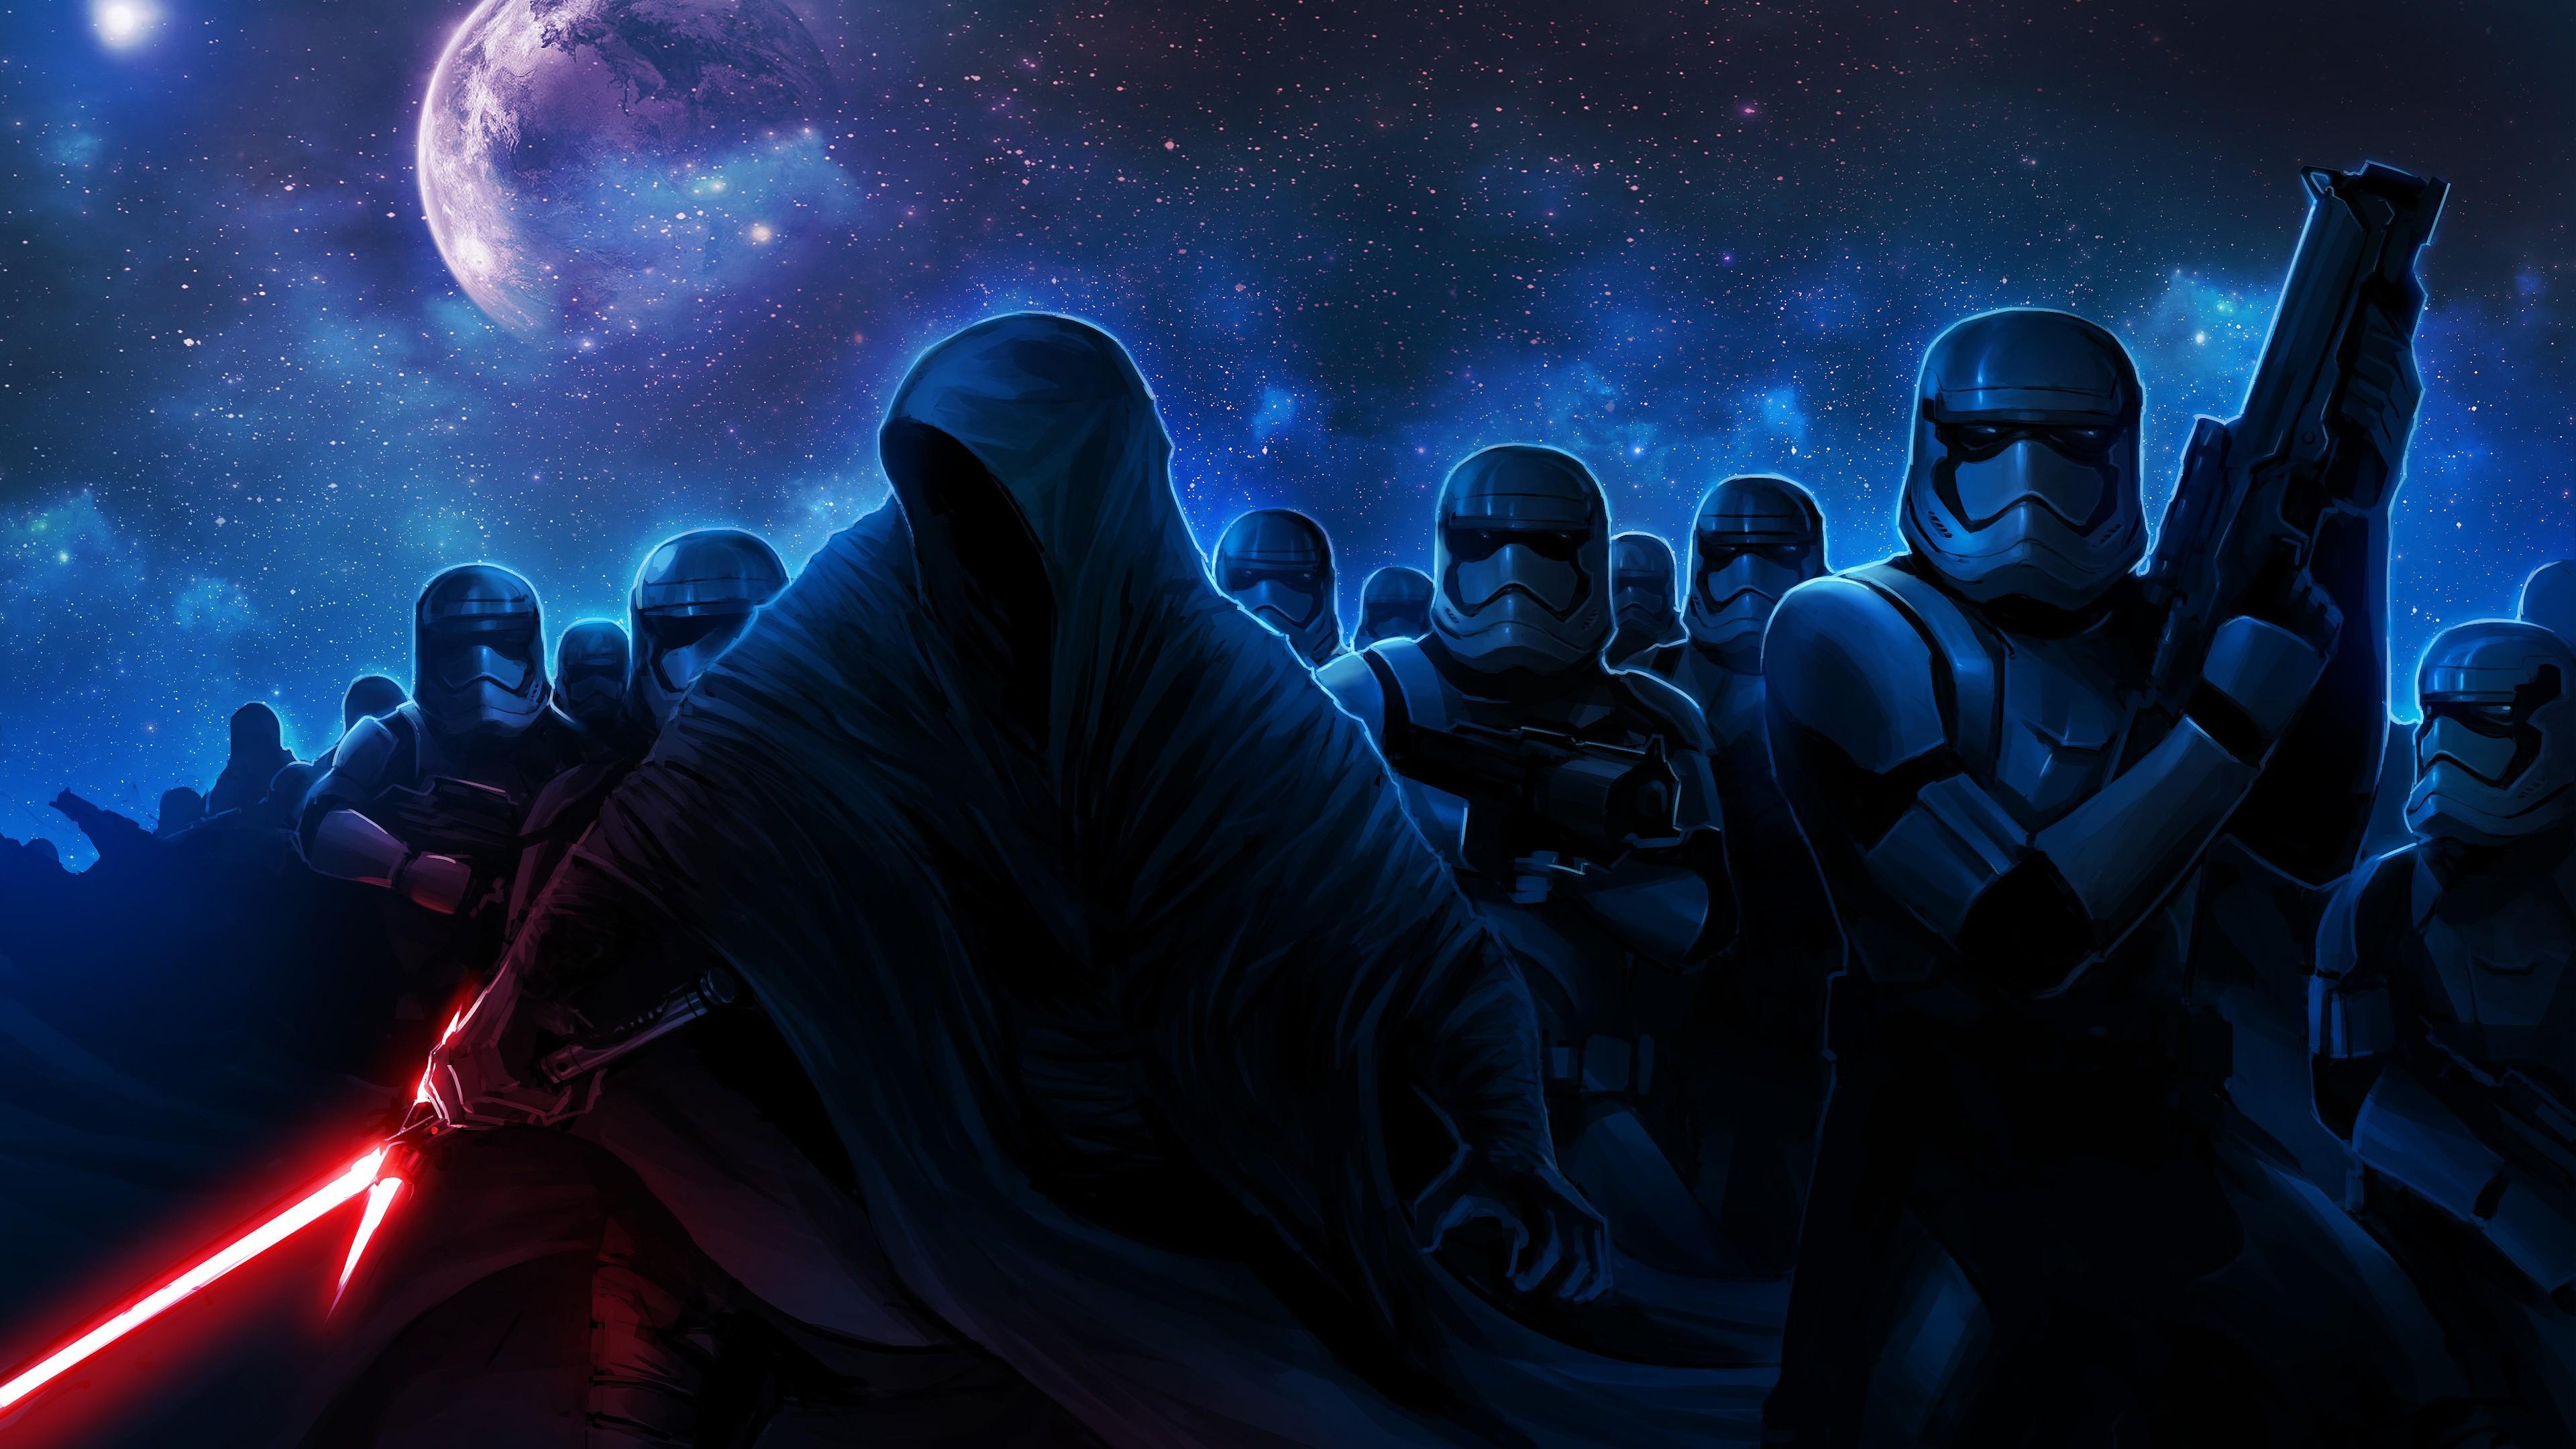 Wallpaper 4k Stormtroopers Darth Vader Darth Vader